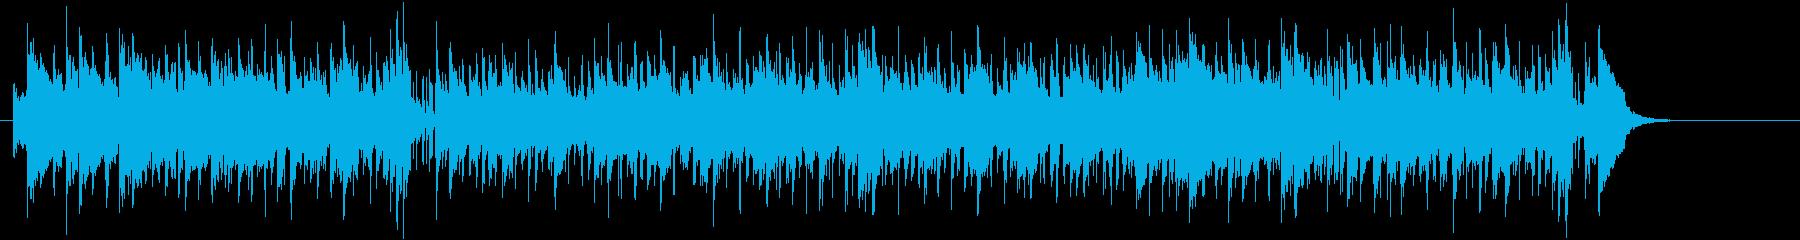 爽やかで軽快なニューミュージックポップスの再生済みの波形